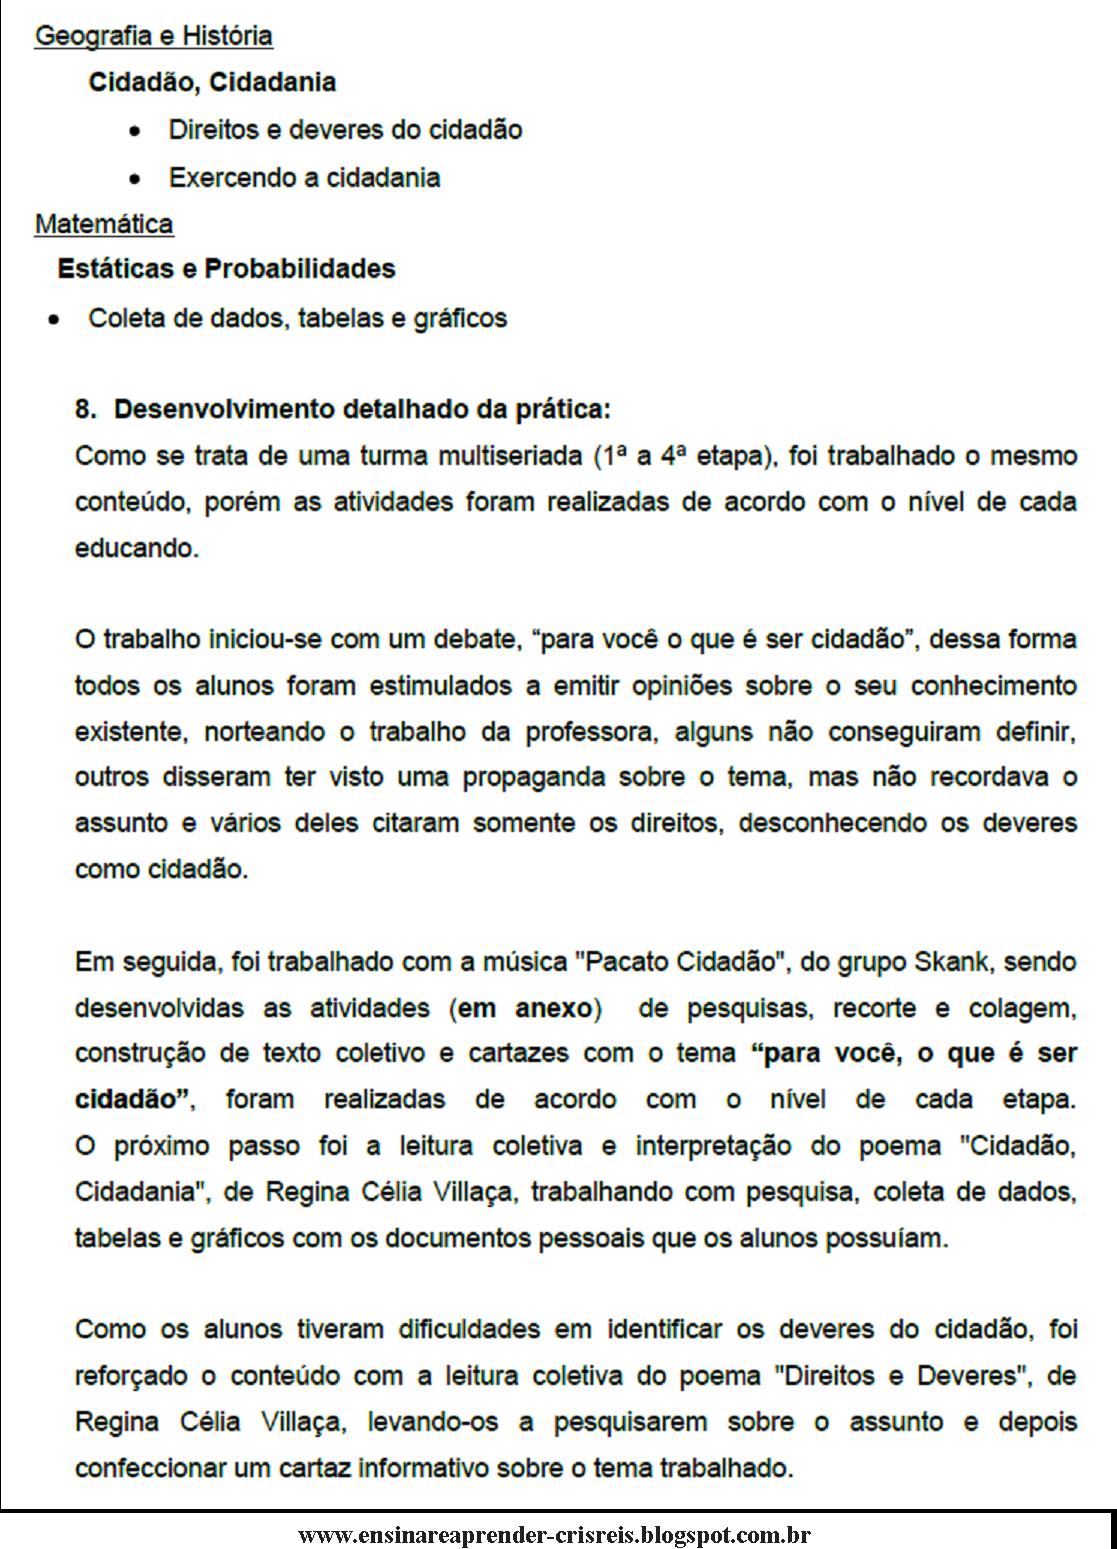 Programa brasileiro de inclusao digital 1a - 3 9